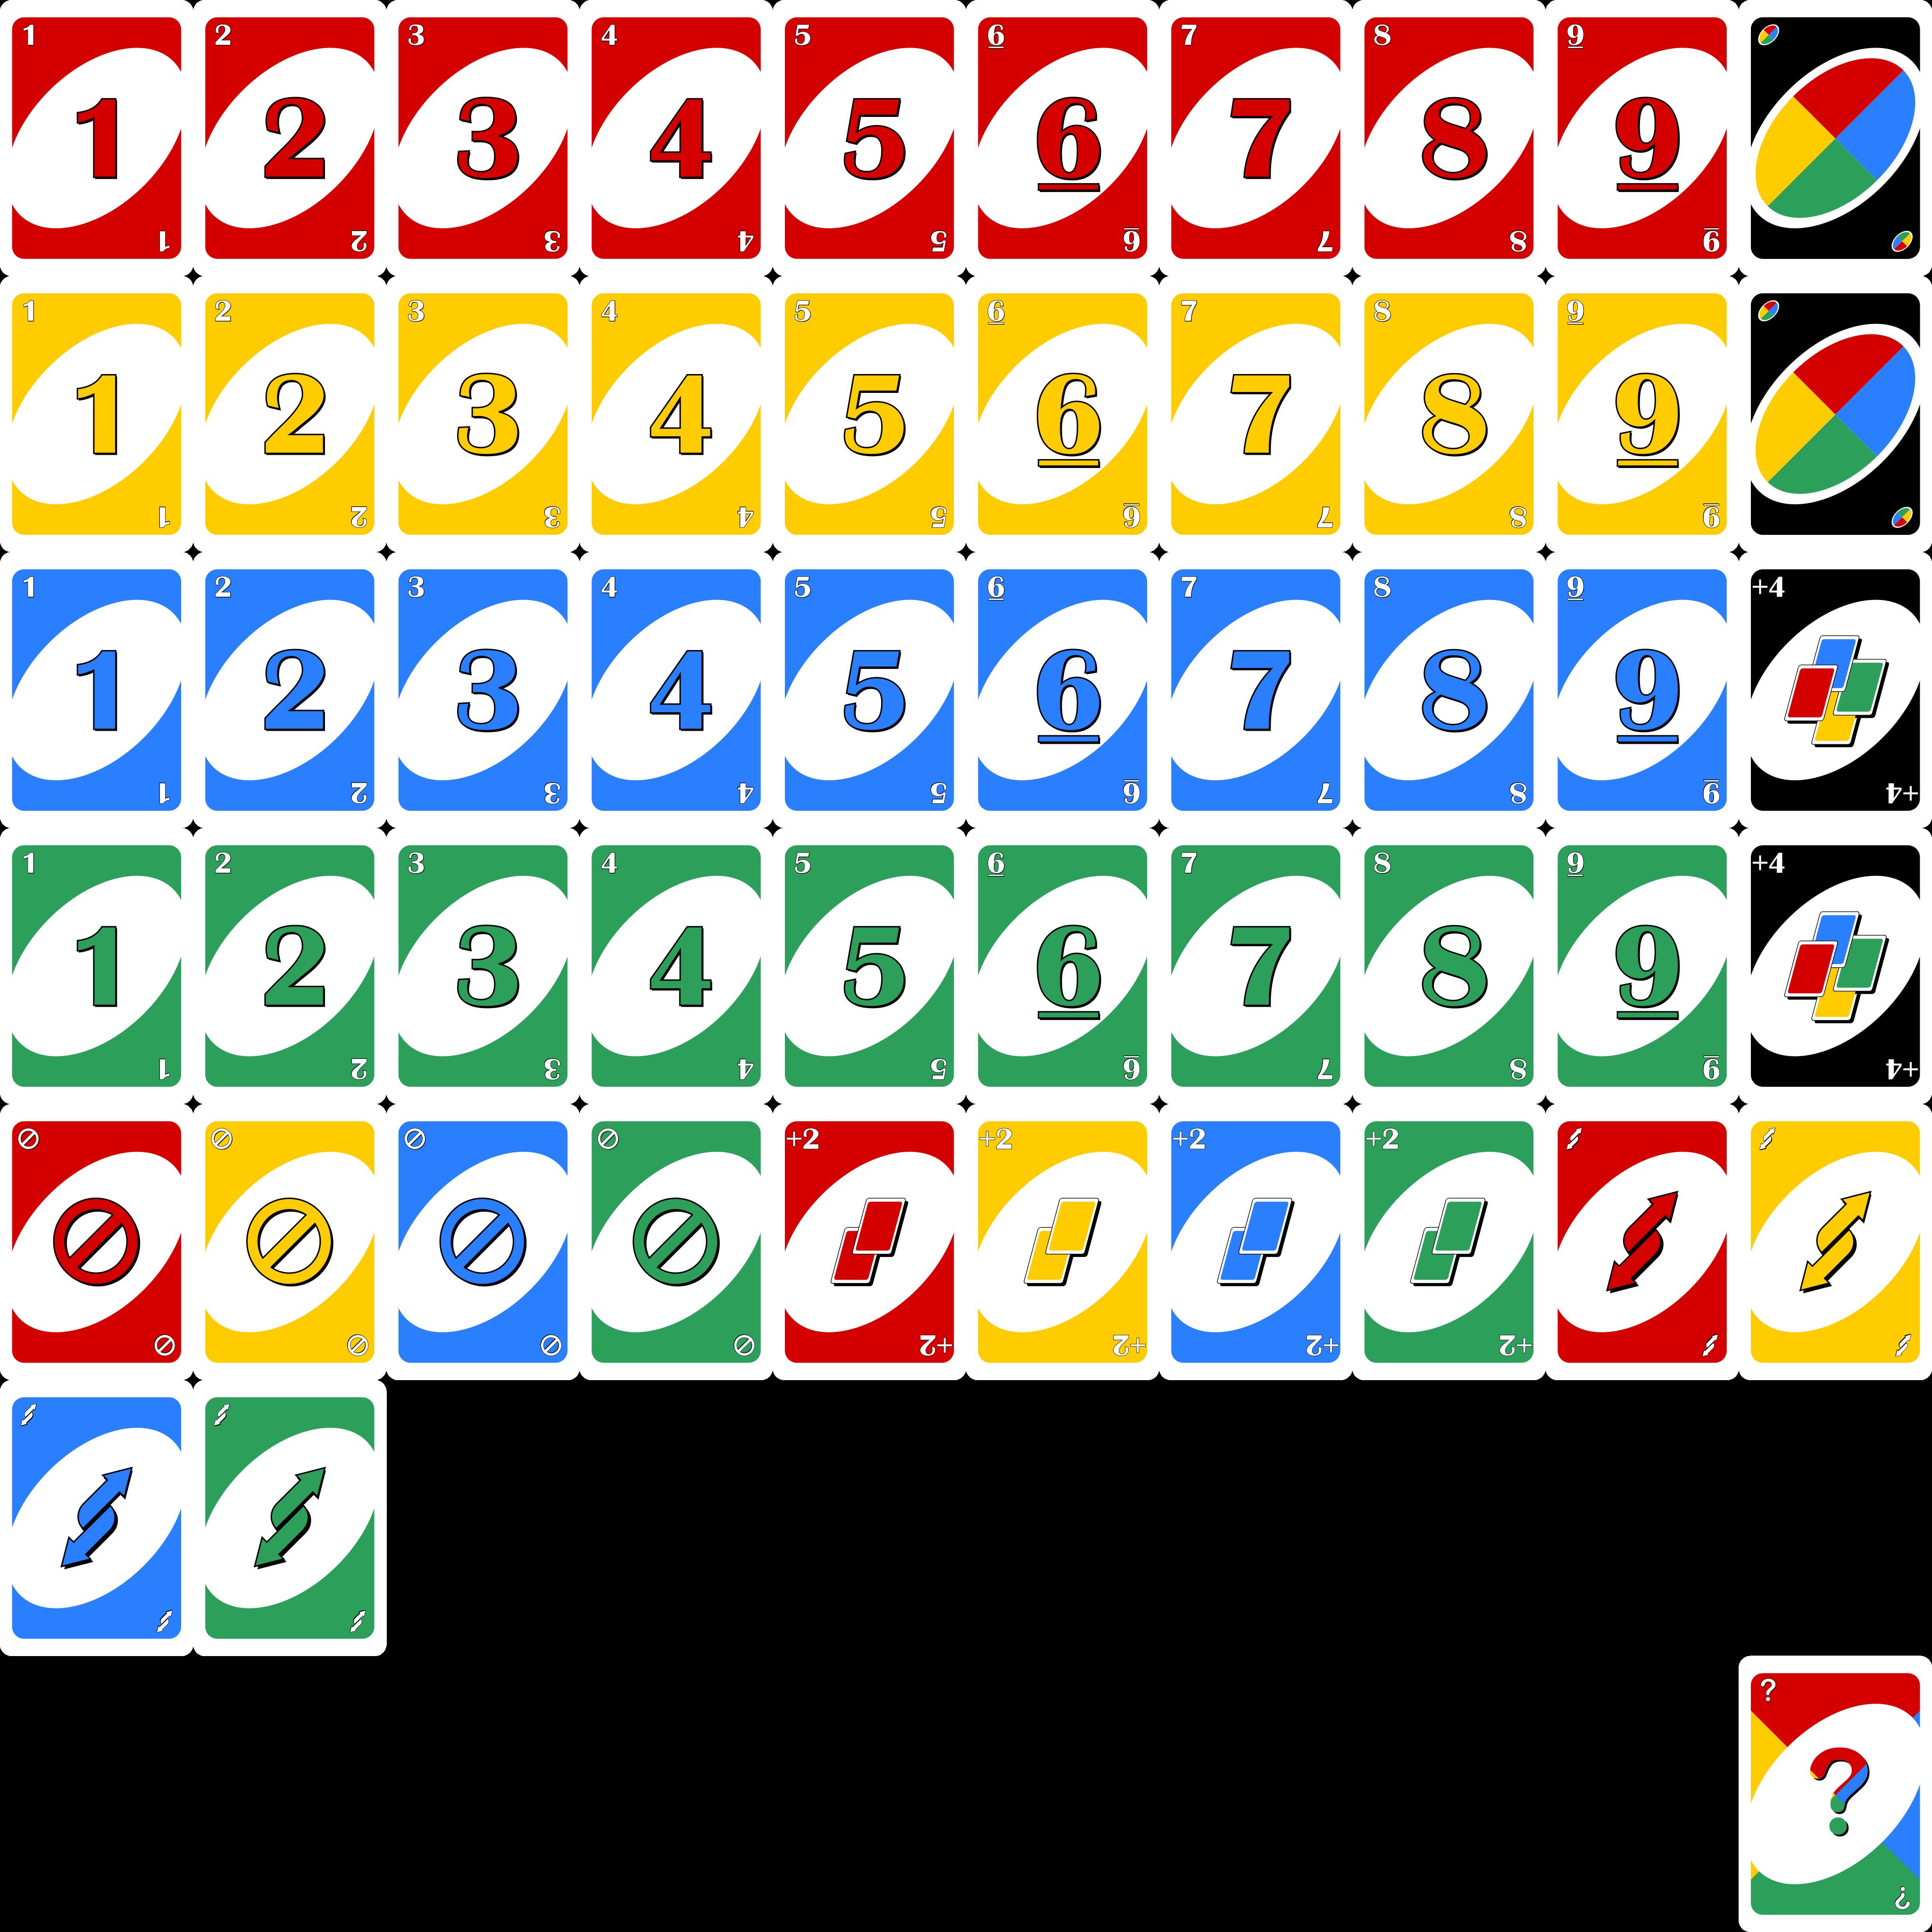 UNO OpenGameArtorg - Uno card template